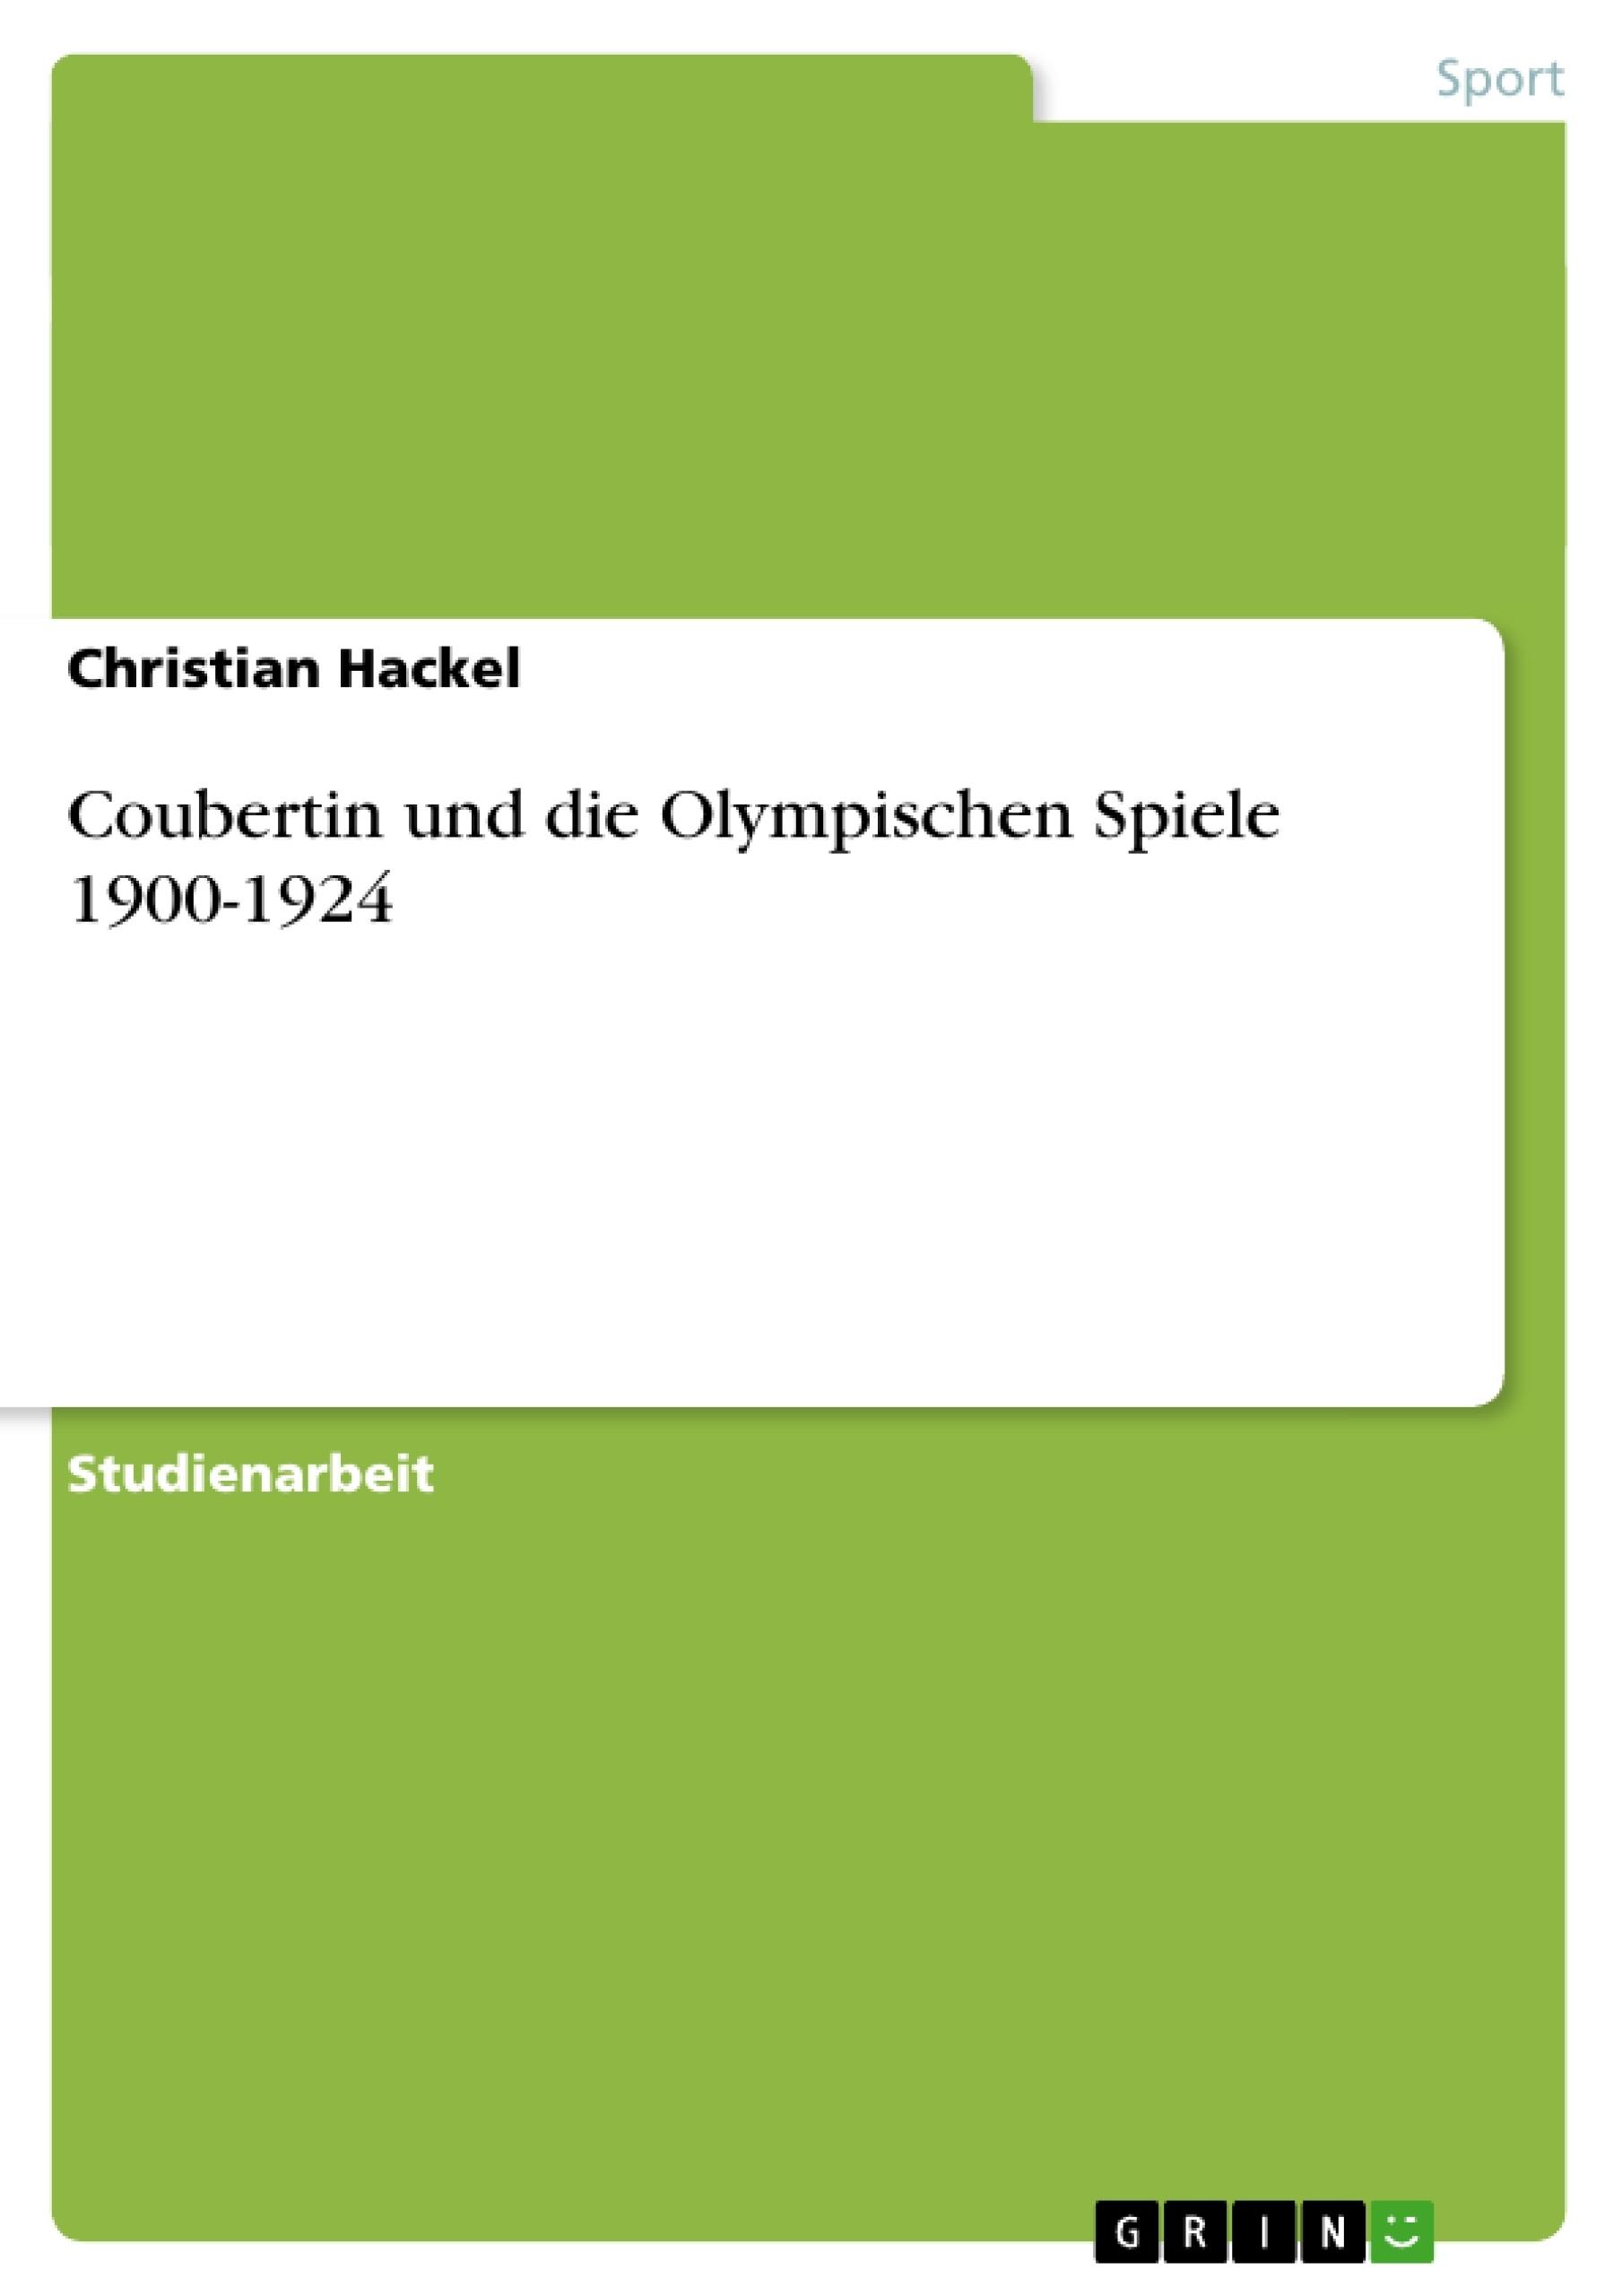 Titel: Coubertin und die Olympischen Spiele 1900-1924